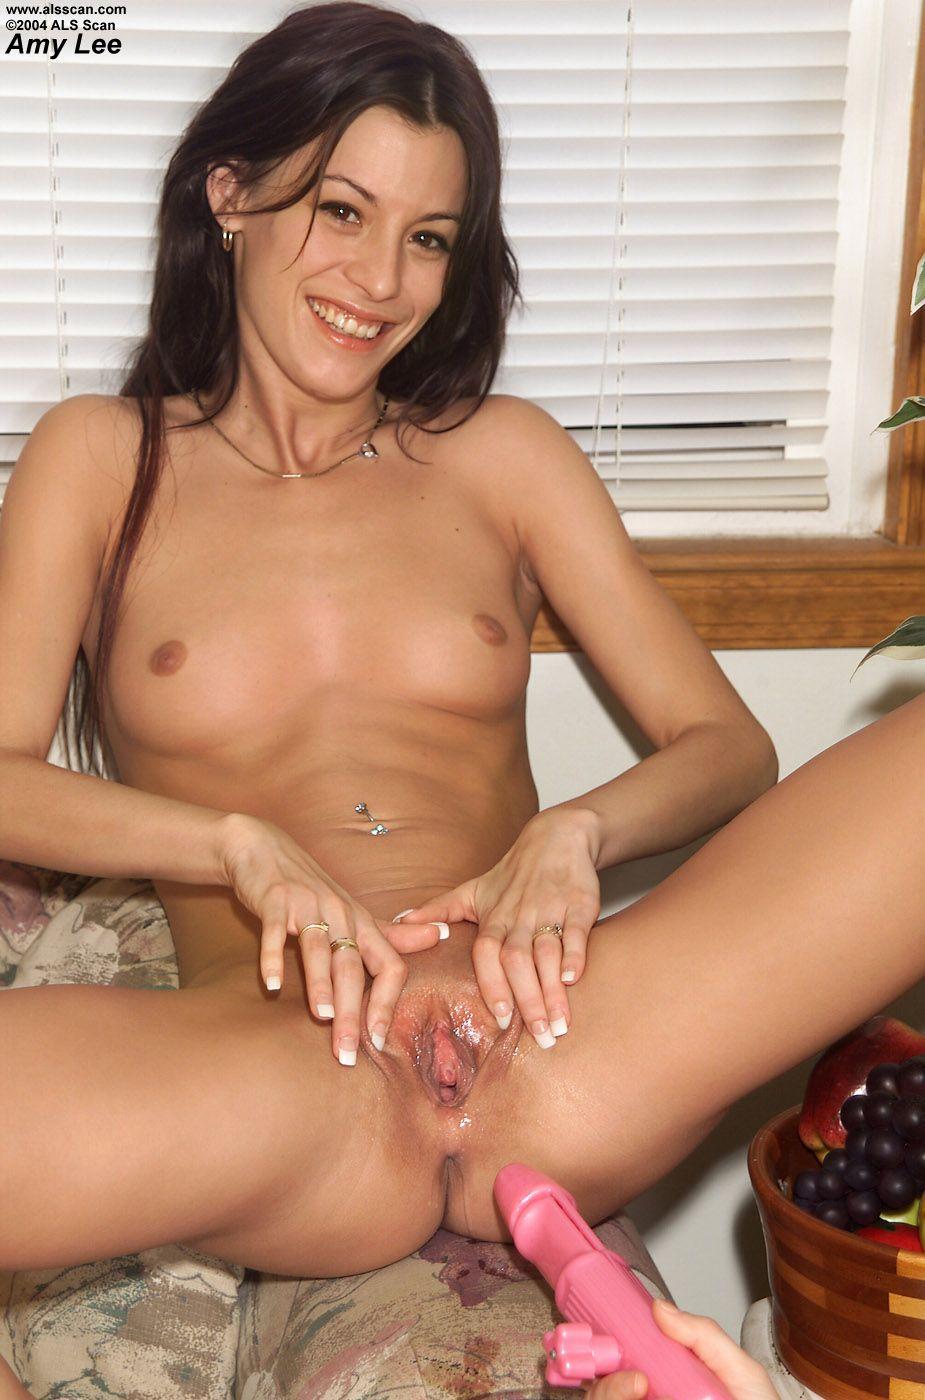 Голая девка Amy Lee  трахает пальцами себя в анал и показывает гладкую писю